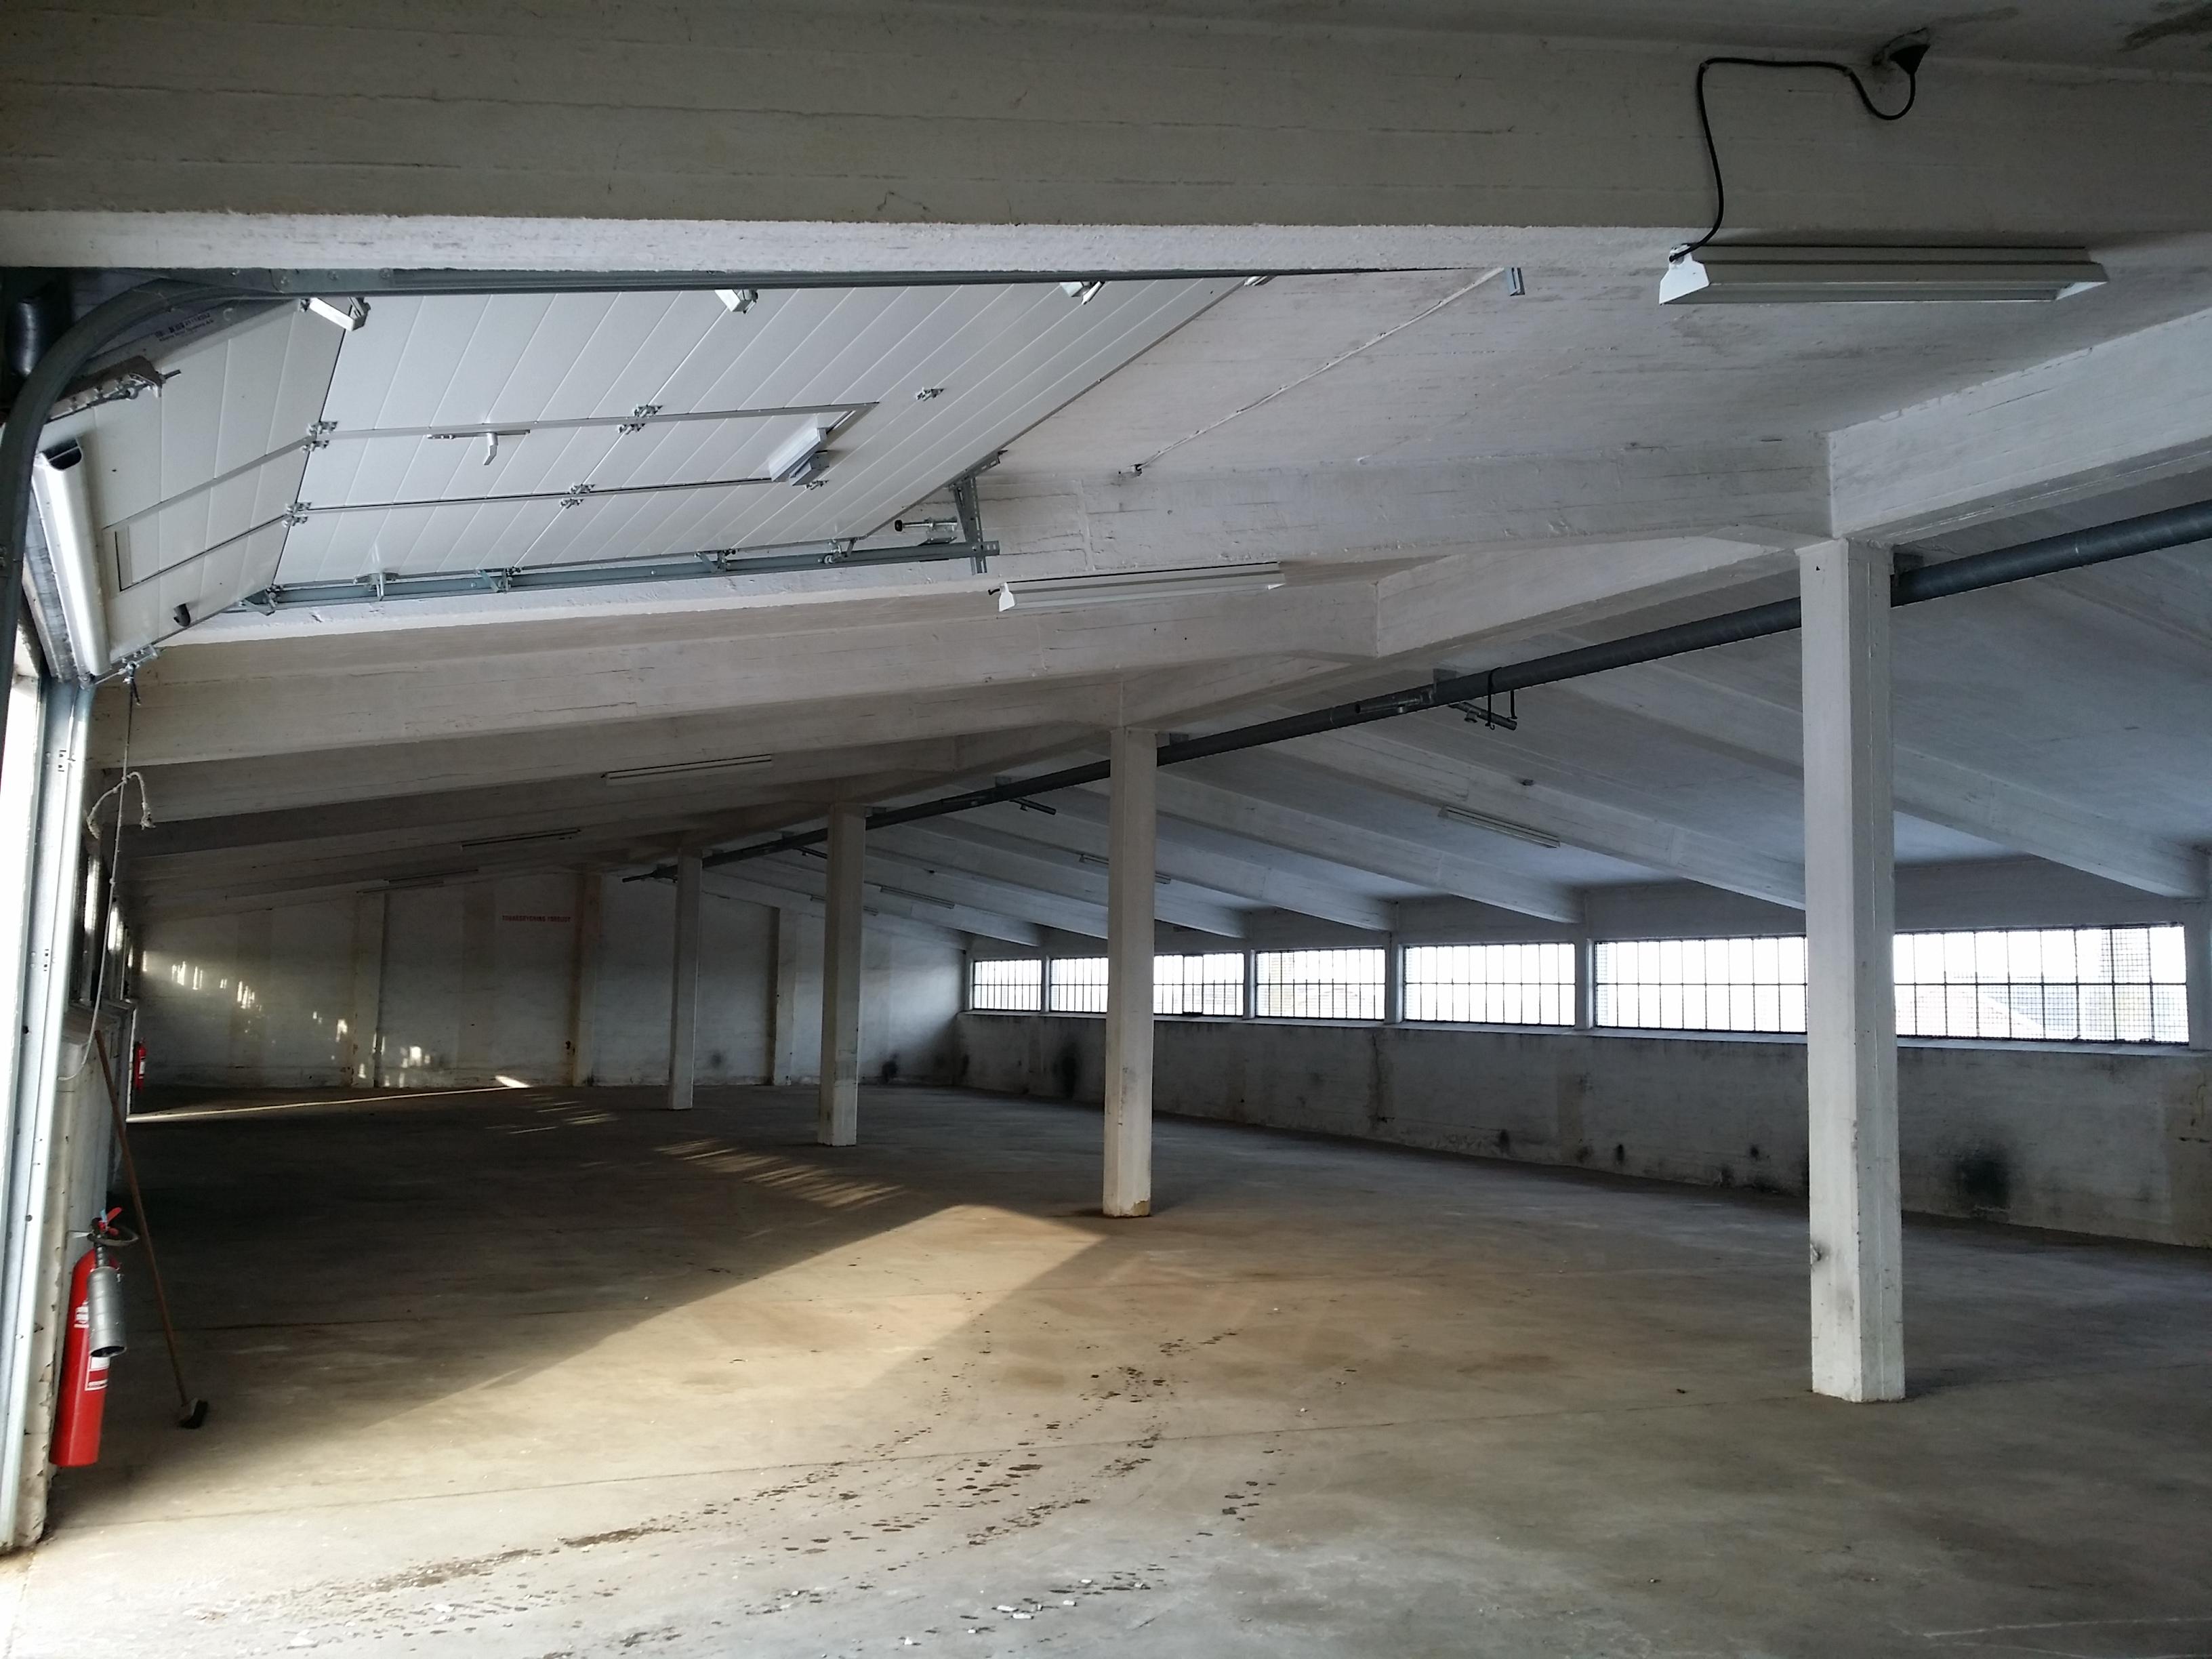 Mangler du plads? Kontakt DepotgA?rden.dk for mere information. Vi udlejer erhvervslokaler, garage plads, kontorer, beboelse og boxudlejning i trekantsomrA?det primA�rt i og omkring Fredericia, Vejle og Kolding, til en suverA�n og konkurrence dygtig pris.